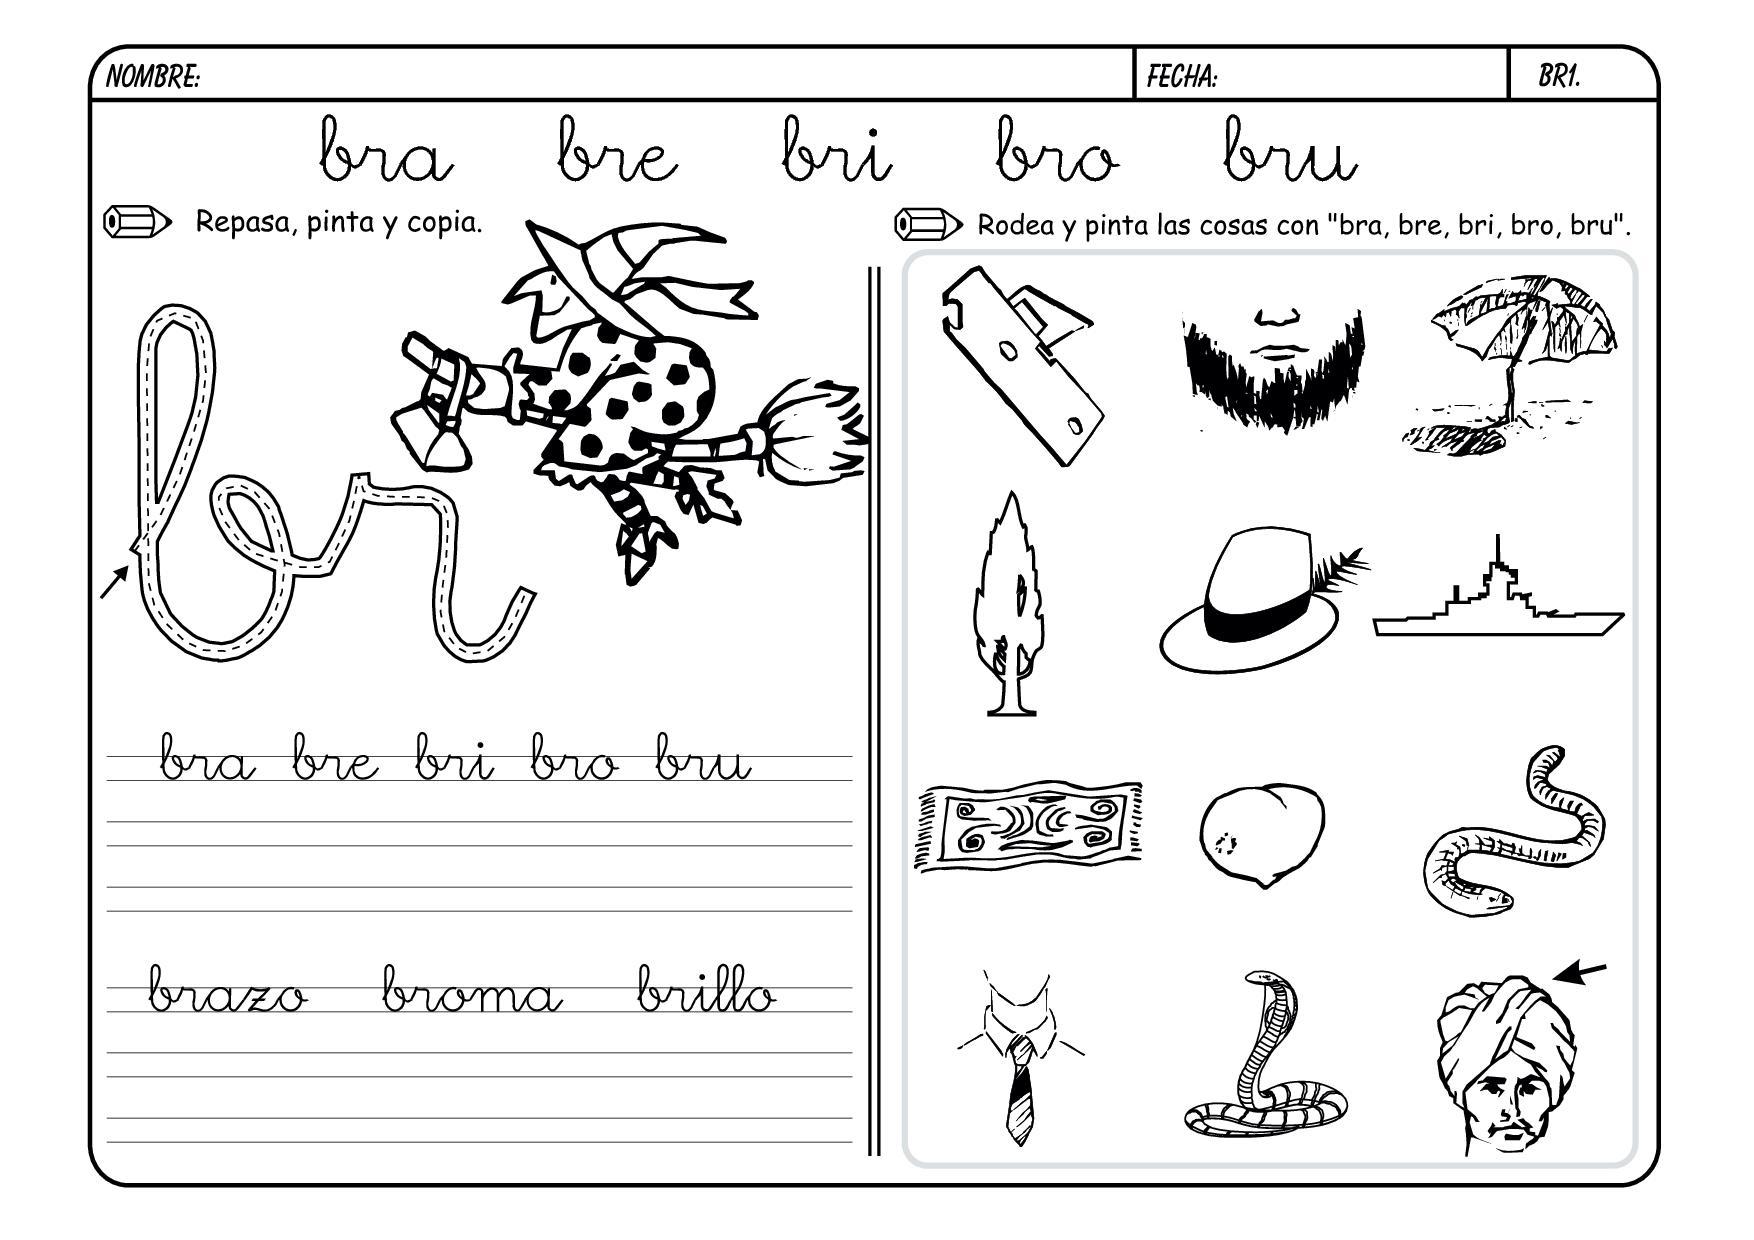 Dibujos Con La Trabada Br: Unidad 8. Cruzando Fronteras